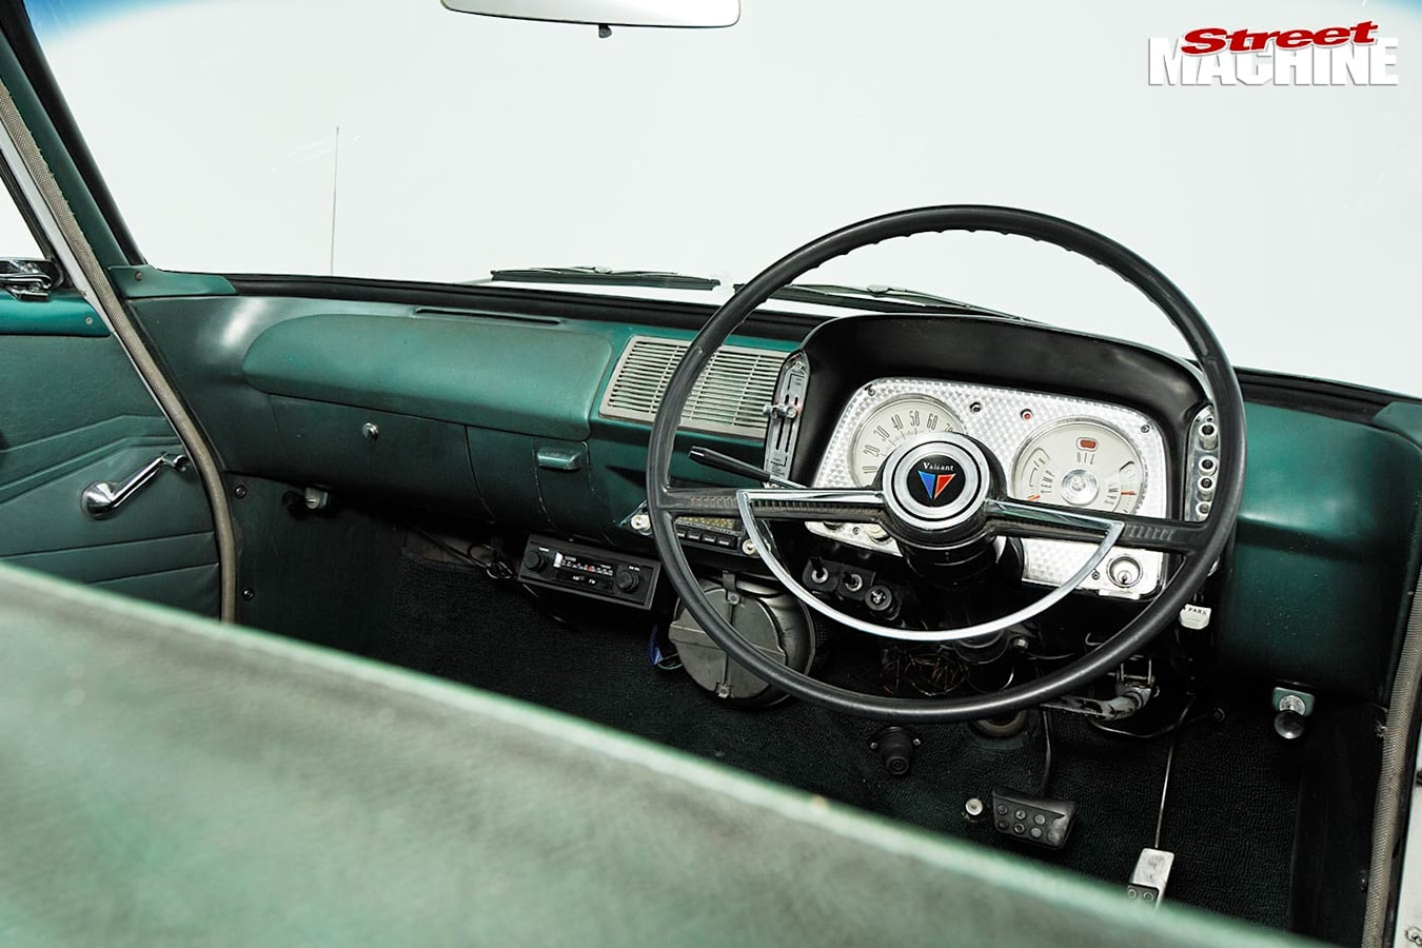 Chrysler Valiant dash